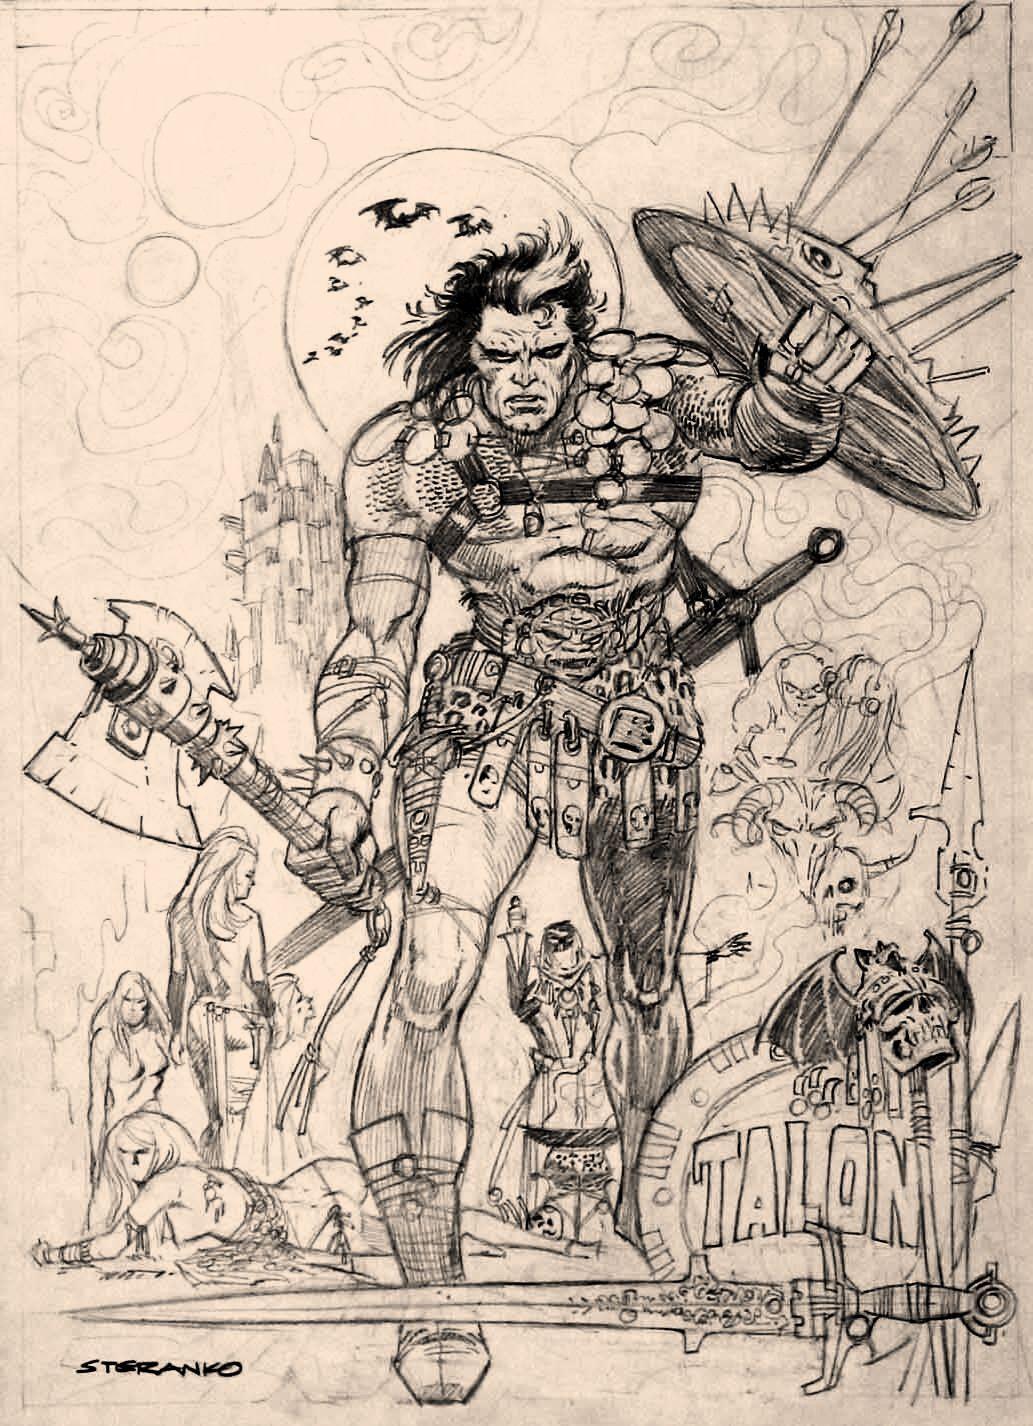 Talon by Jim Steranko